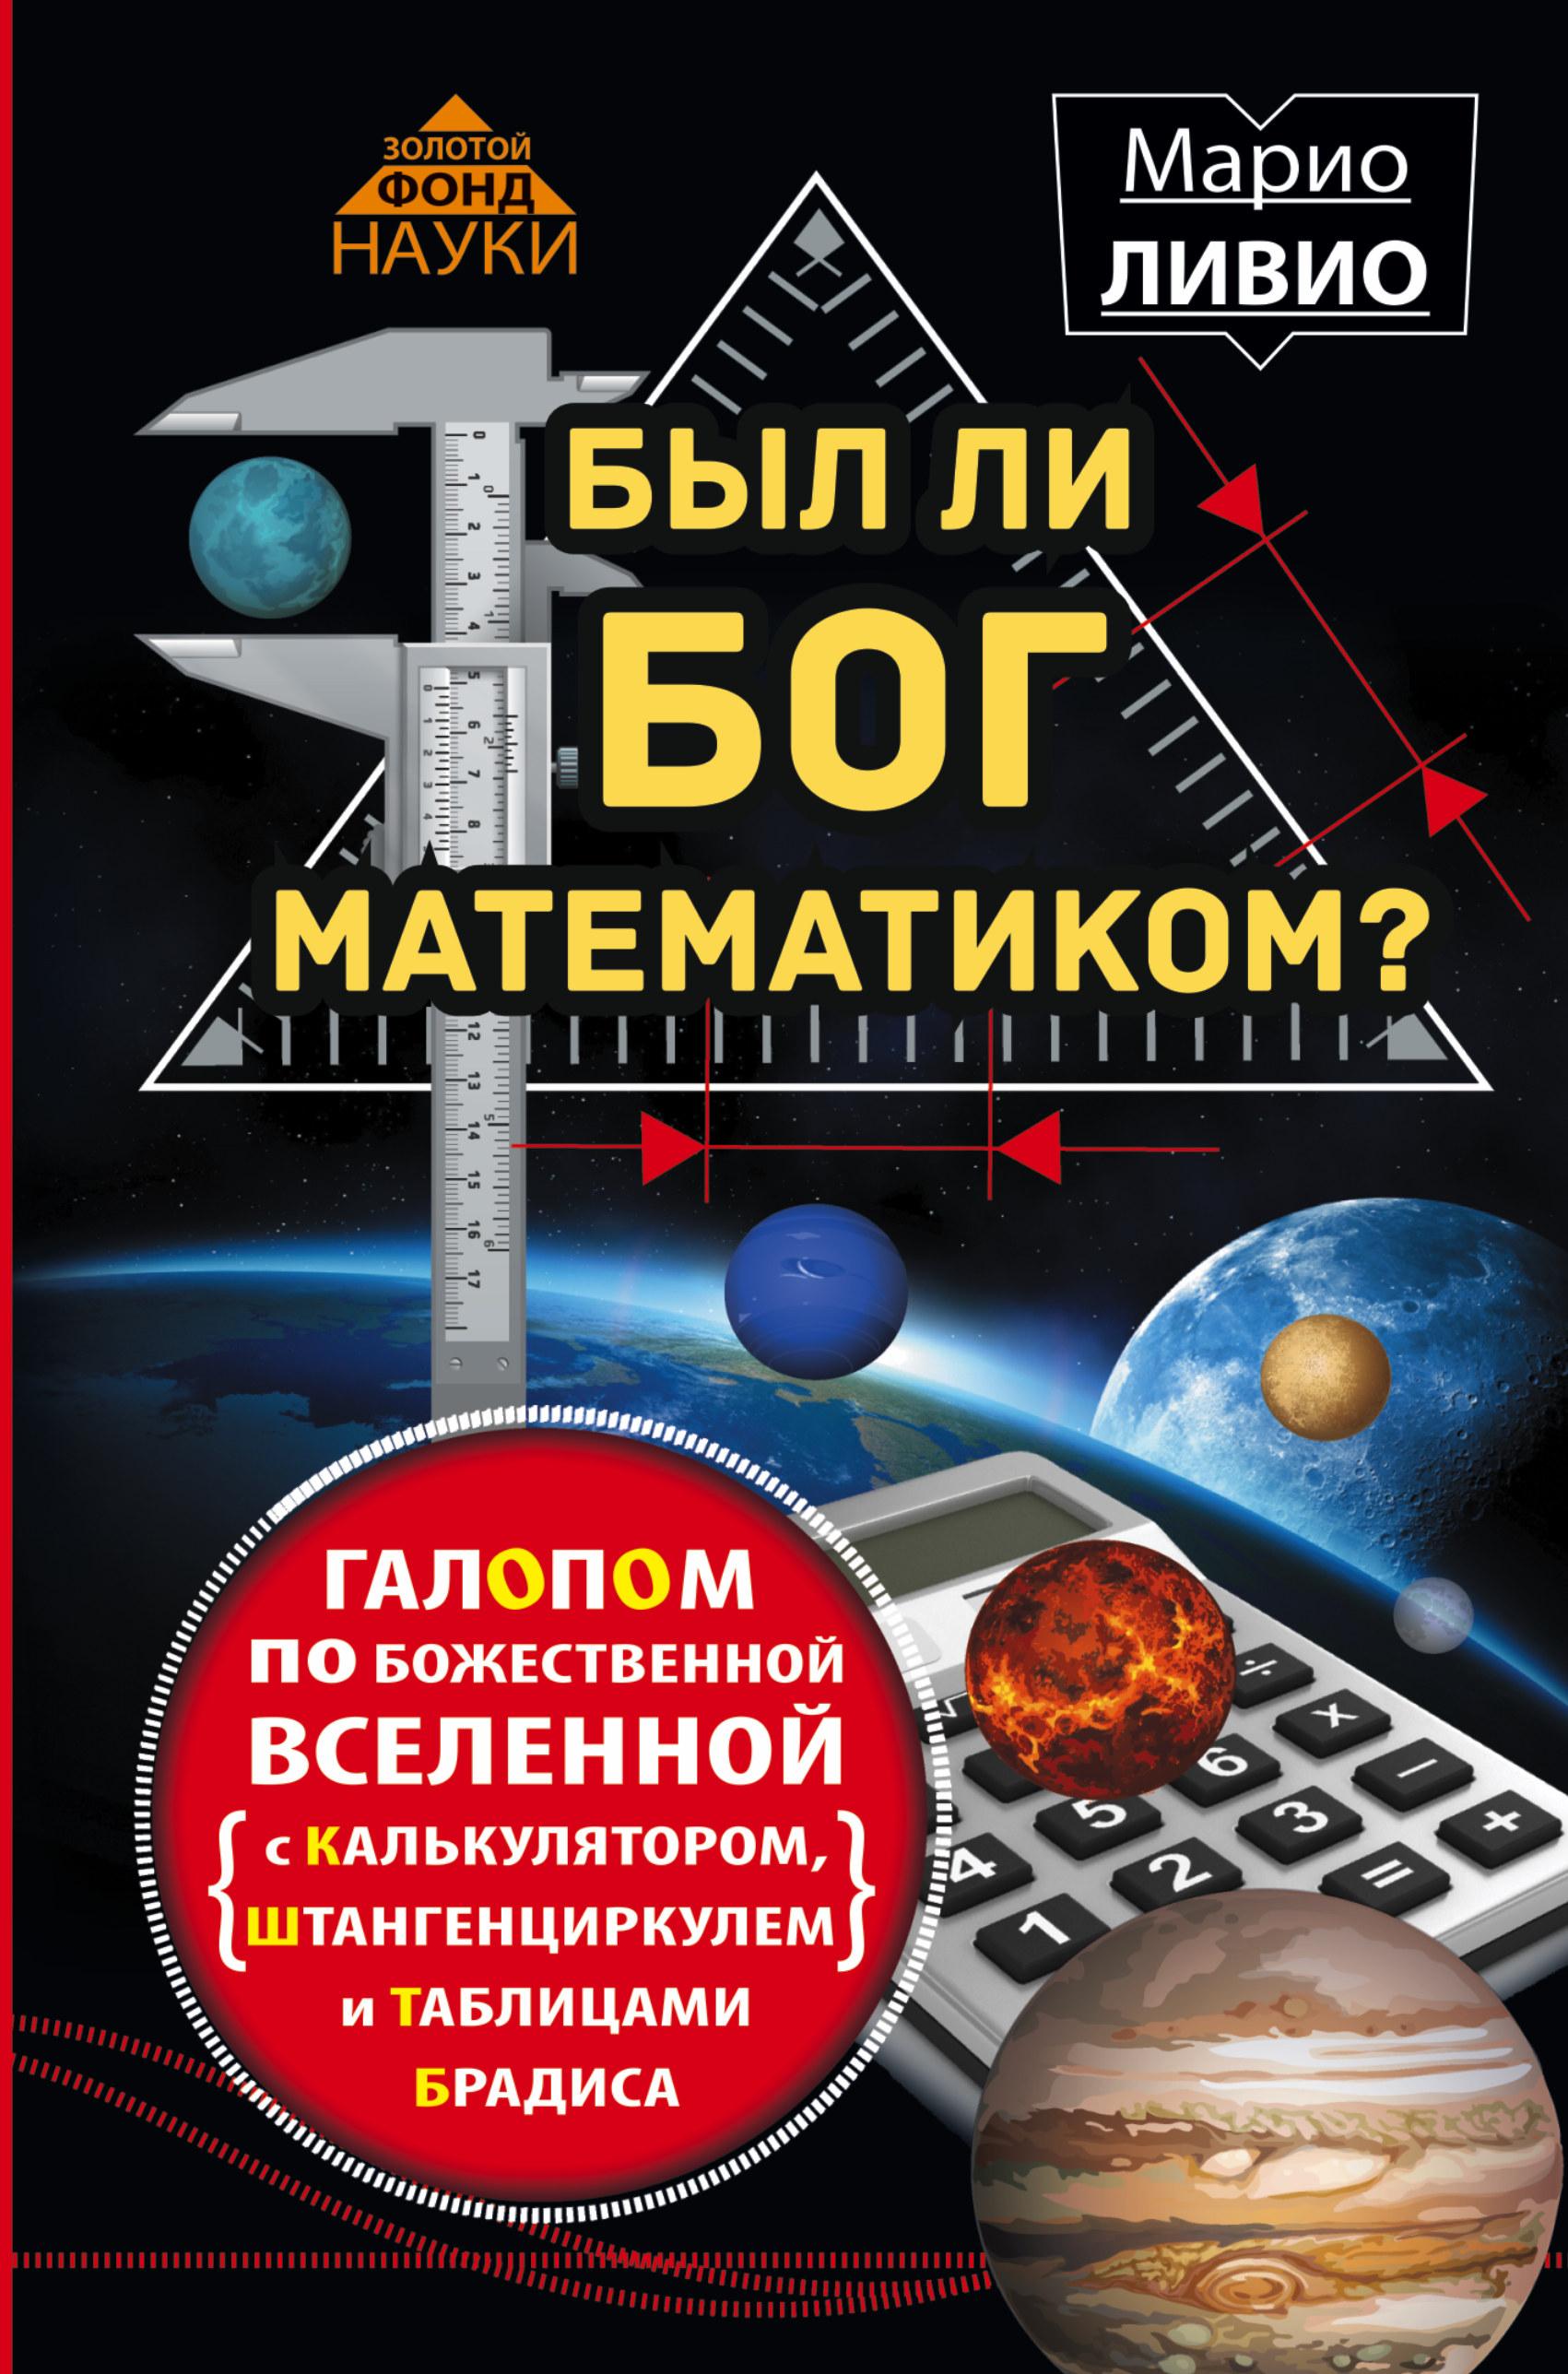 Был ли Бог математиком? Галопом по божественной Вселенной с калькулятором, штангенциркулем и таблицами Брадиса ( Ливио М.  )